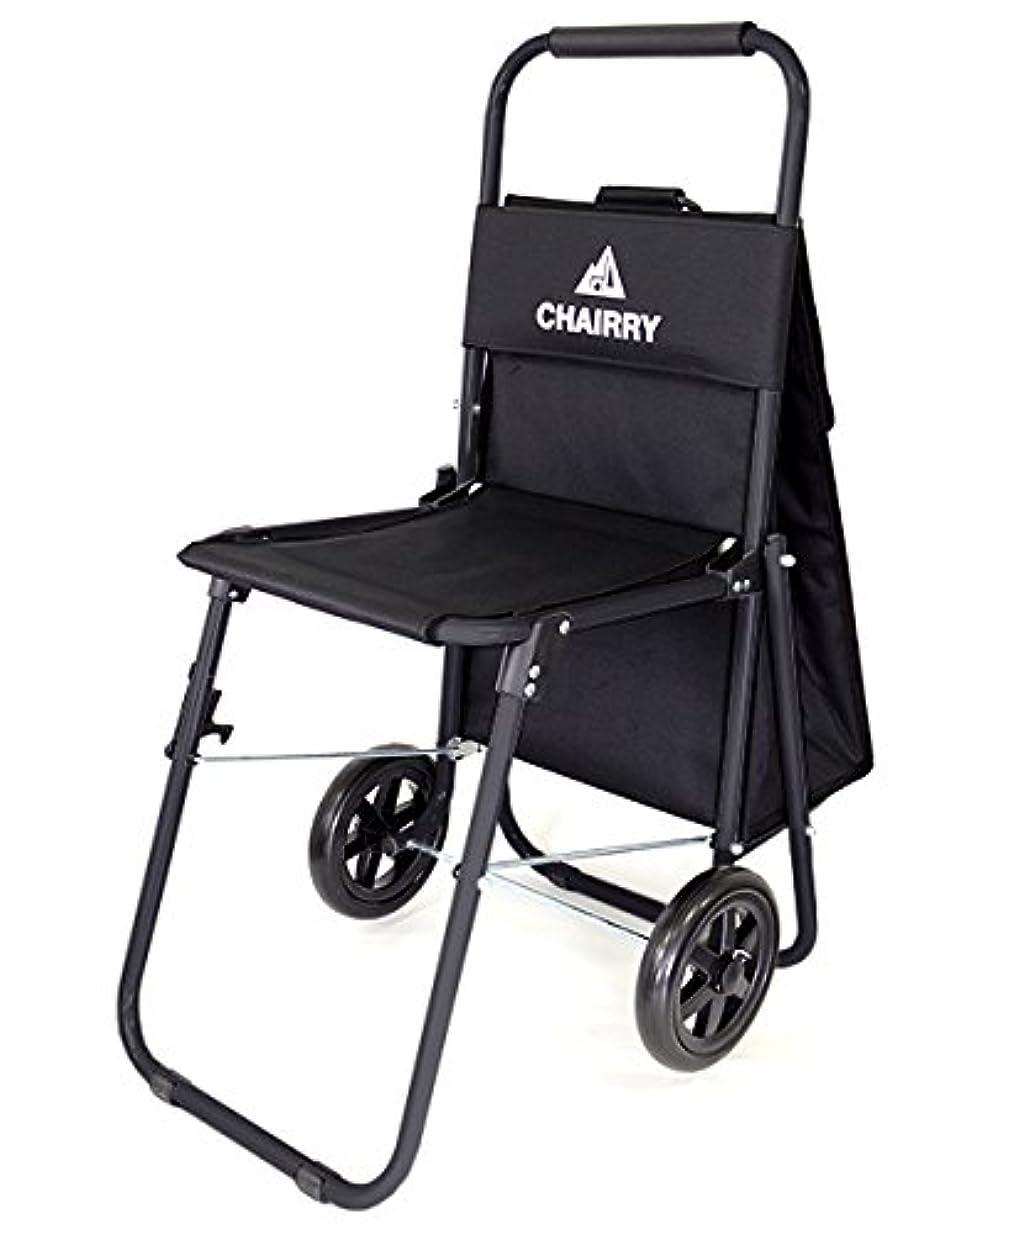 ポットゆでる心理的にCHAIRRY チェアリー チェア&キャリー キャリーカート ブラック